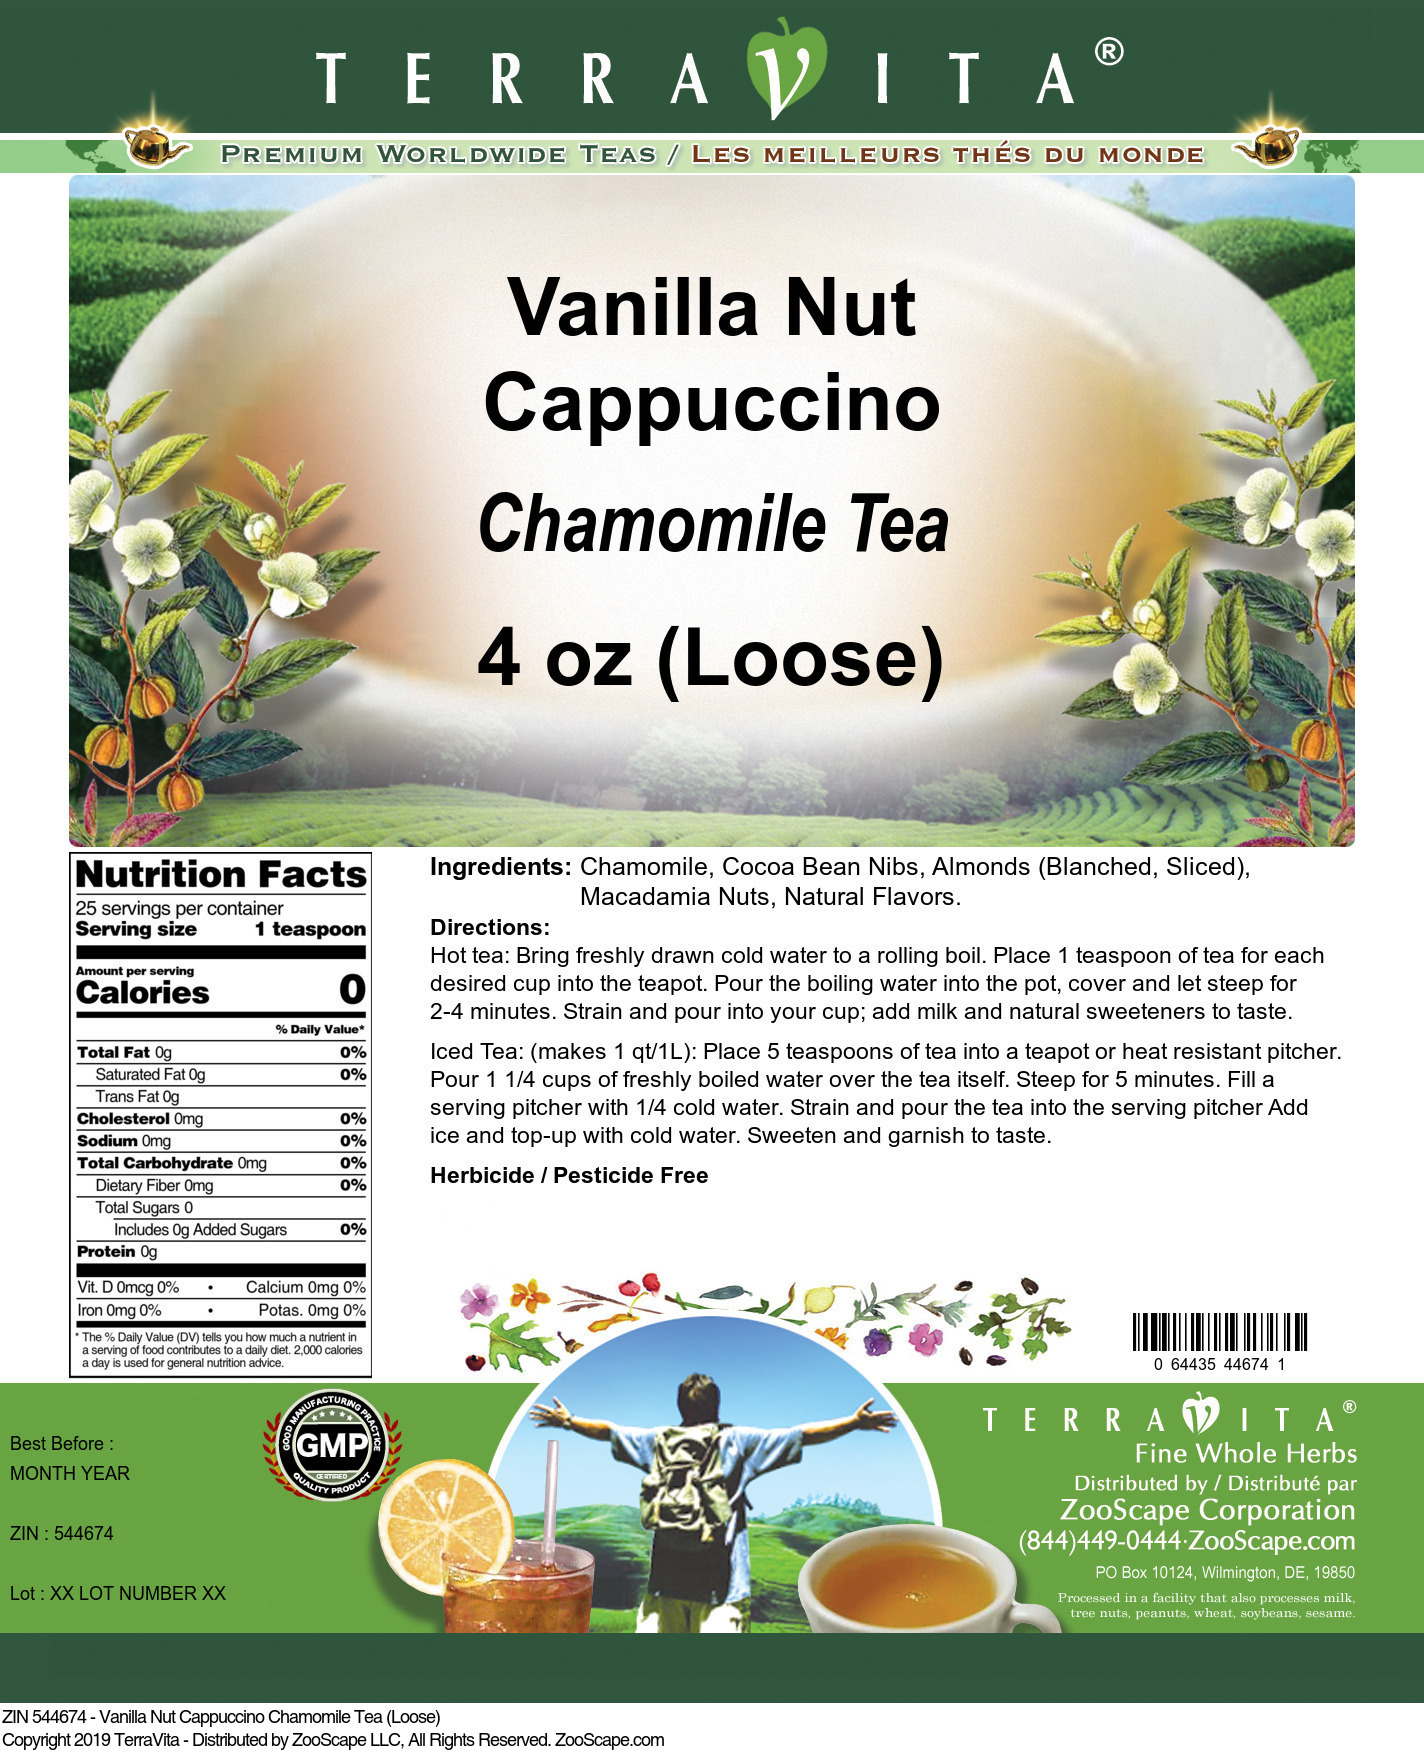 Vanilla Nut Cappuccino Chamomile Tea